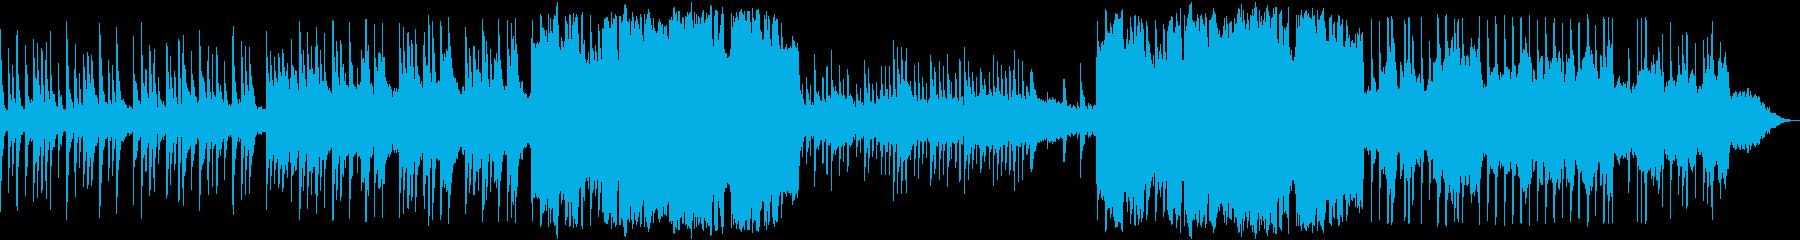 切ない旋律が胸をしめつけるピアノ音楽の再生済みの波形